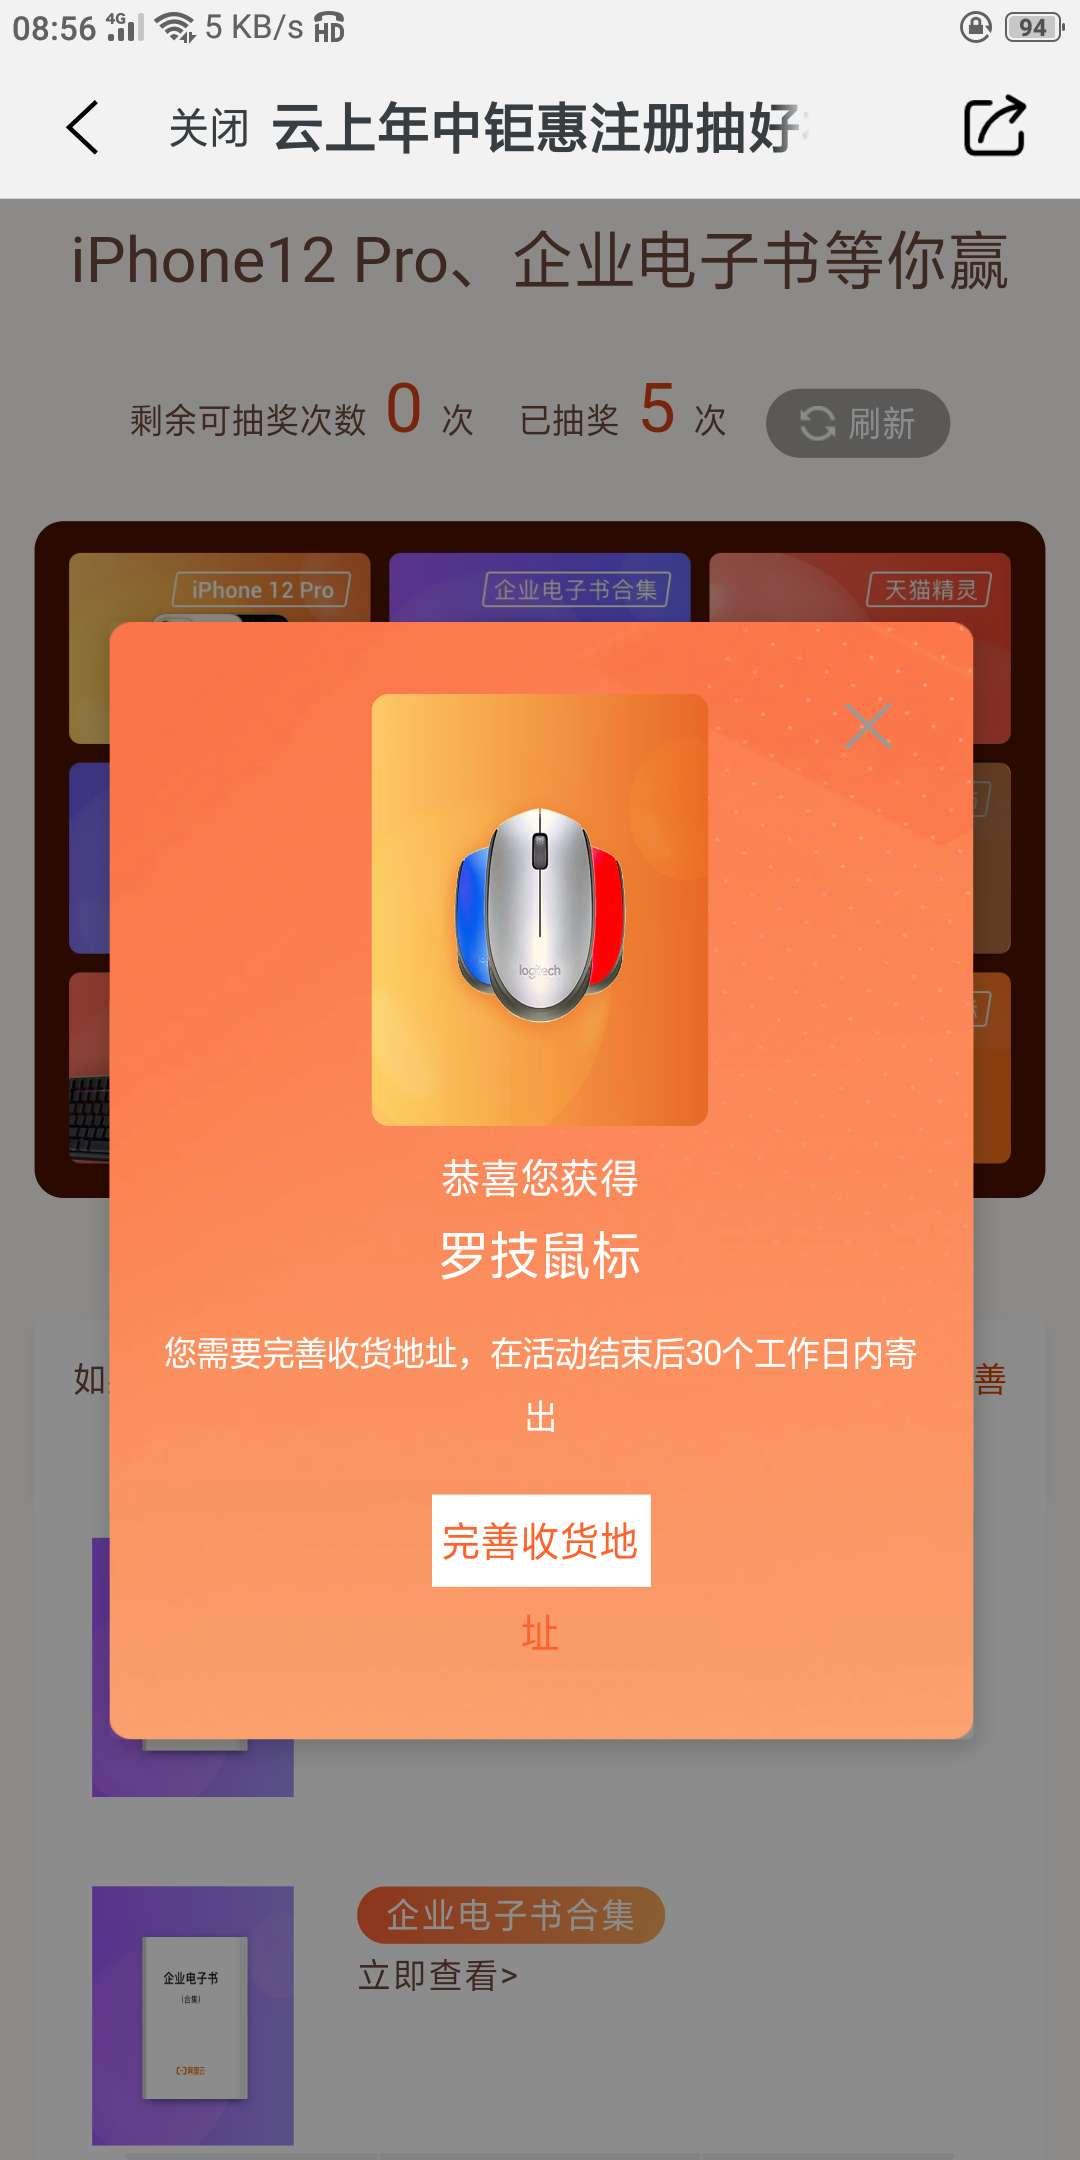 【物件会员专区】阿里云服务器会员注册抽奖活动(还可以并不是新用户)插图